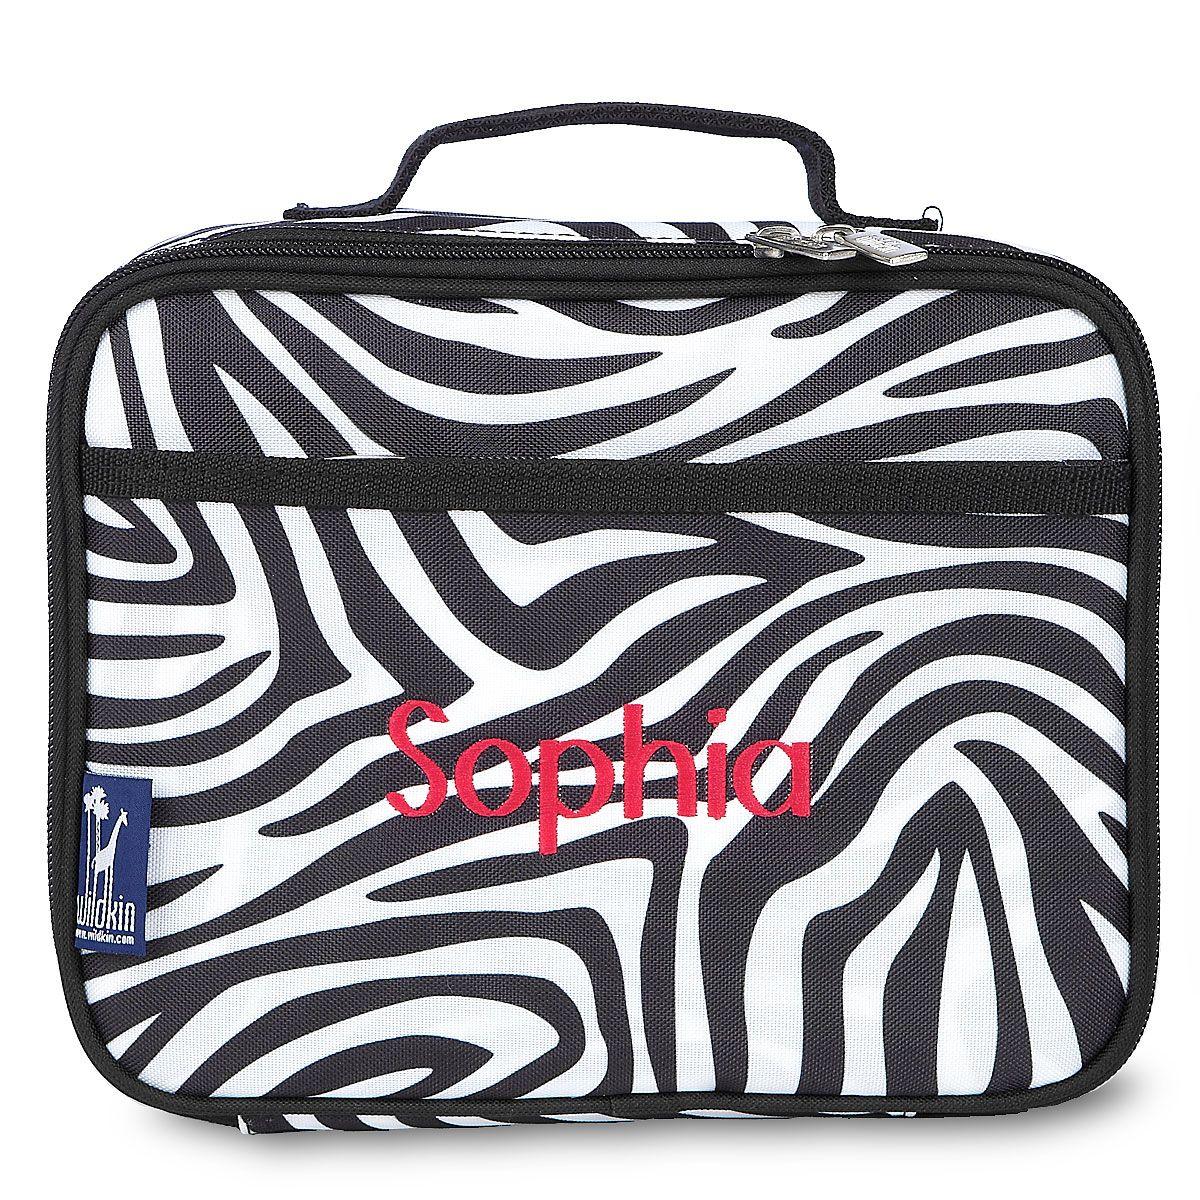 Zebra Lunch Bag